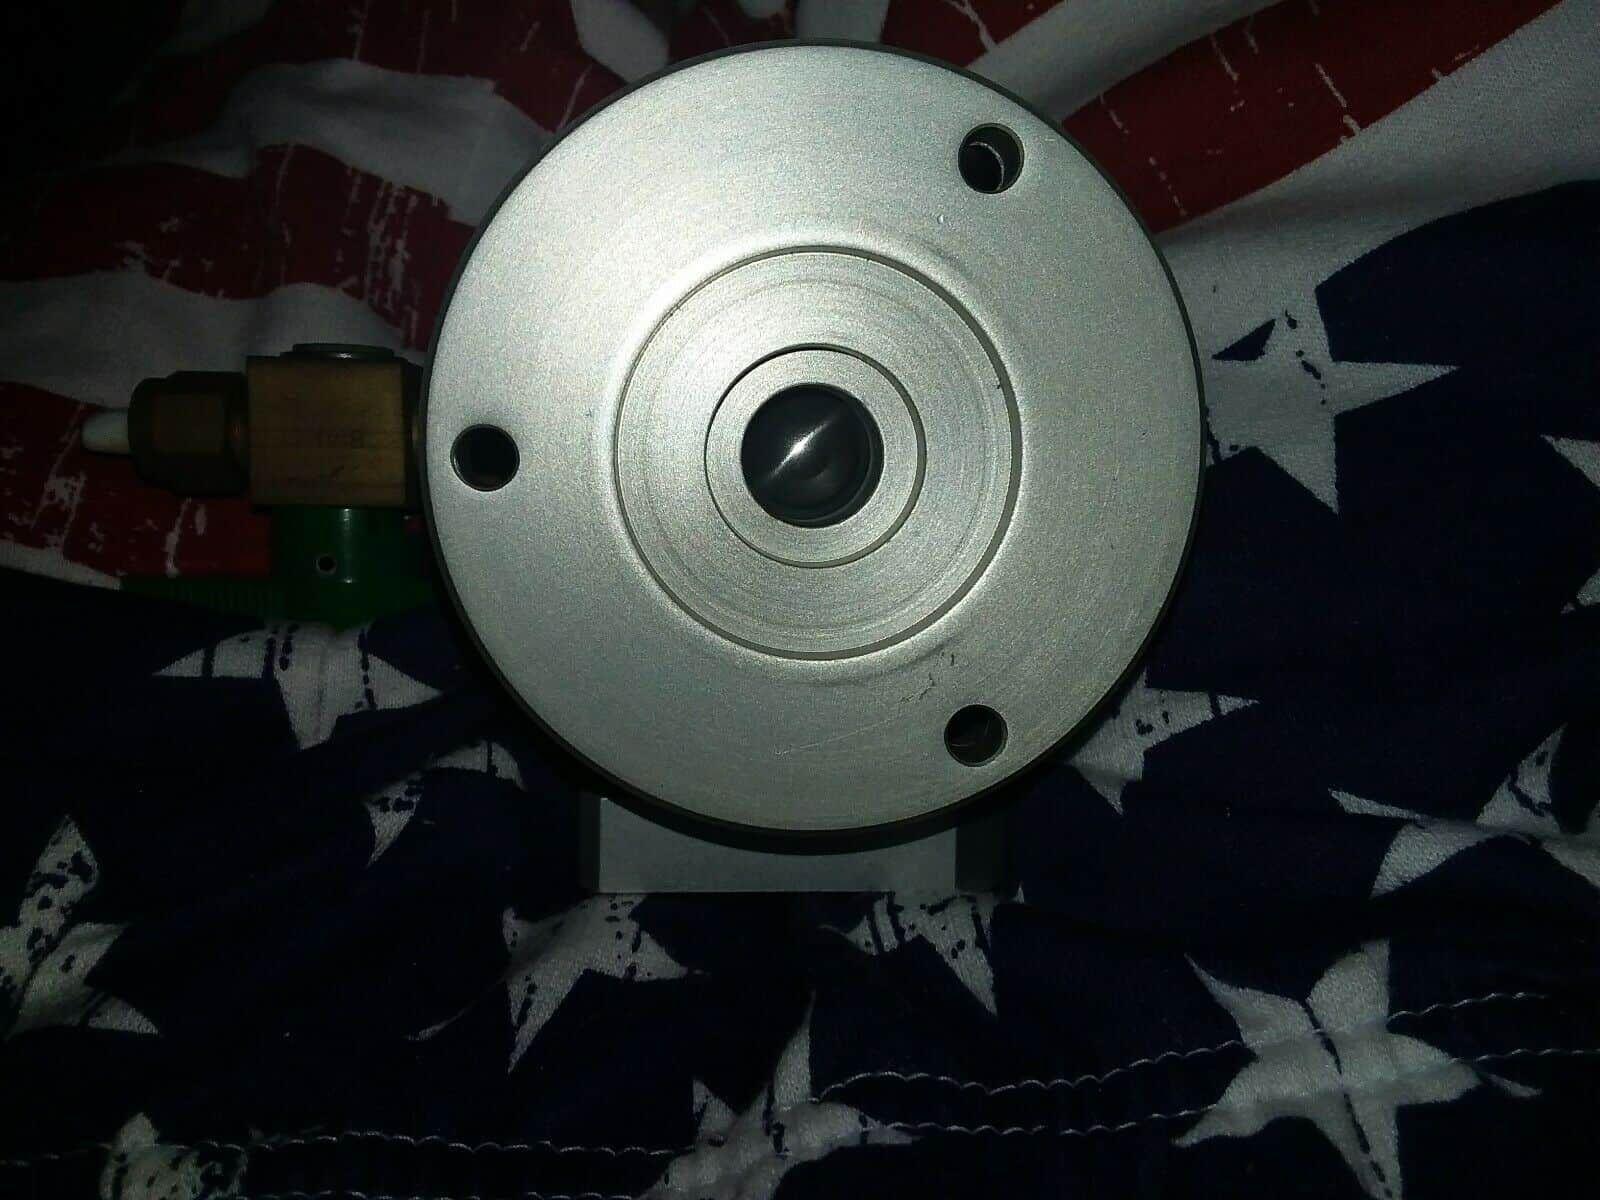 Agilent Pirani 2 Applied Vapstar Negretti Thermo Precision NuPro t-line c1